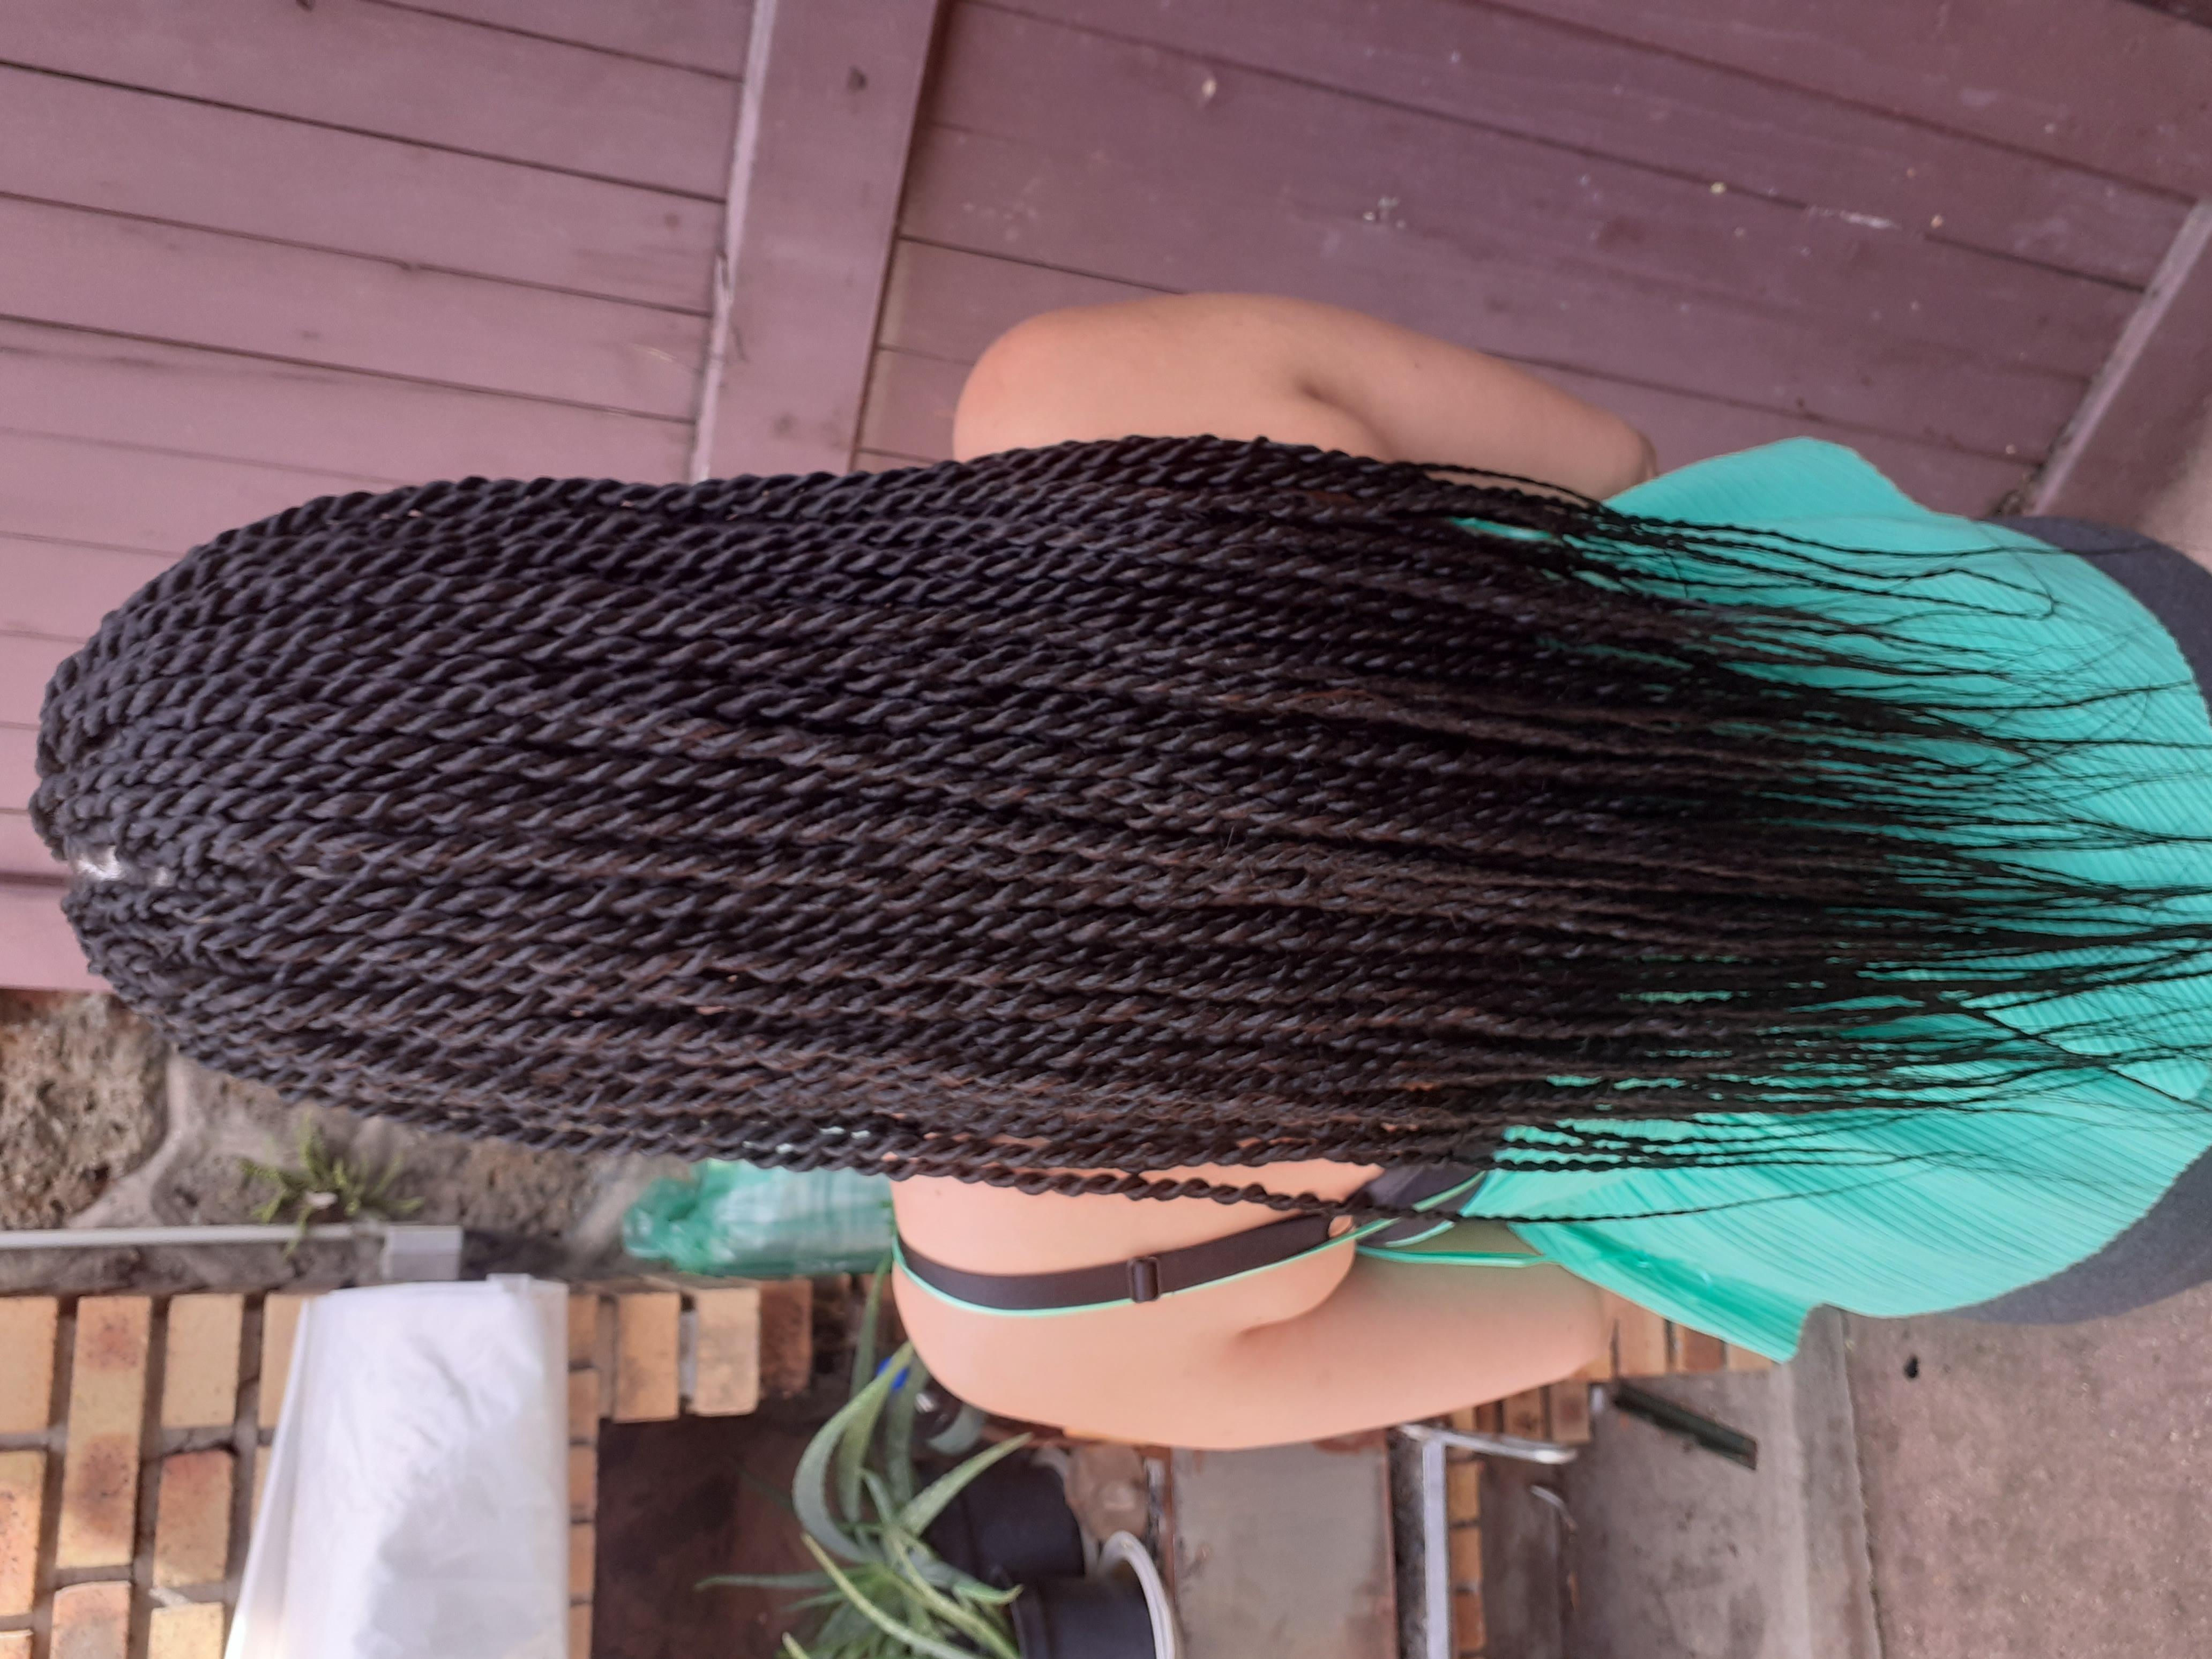 salon de coiffure afro tresse tresses box braids crochet braids vanilles tissages paris 75 77 78 91 92 93 94 95 SYUUUWDB